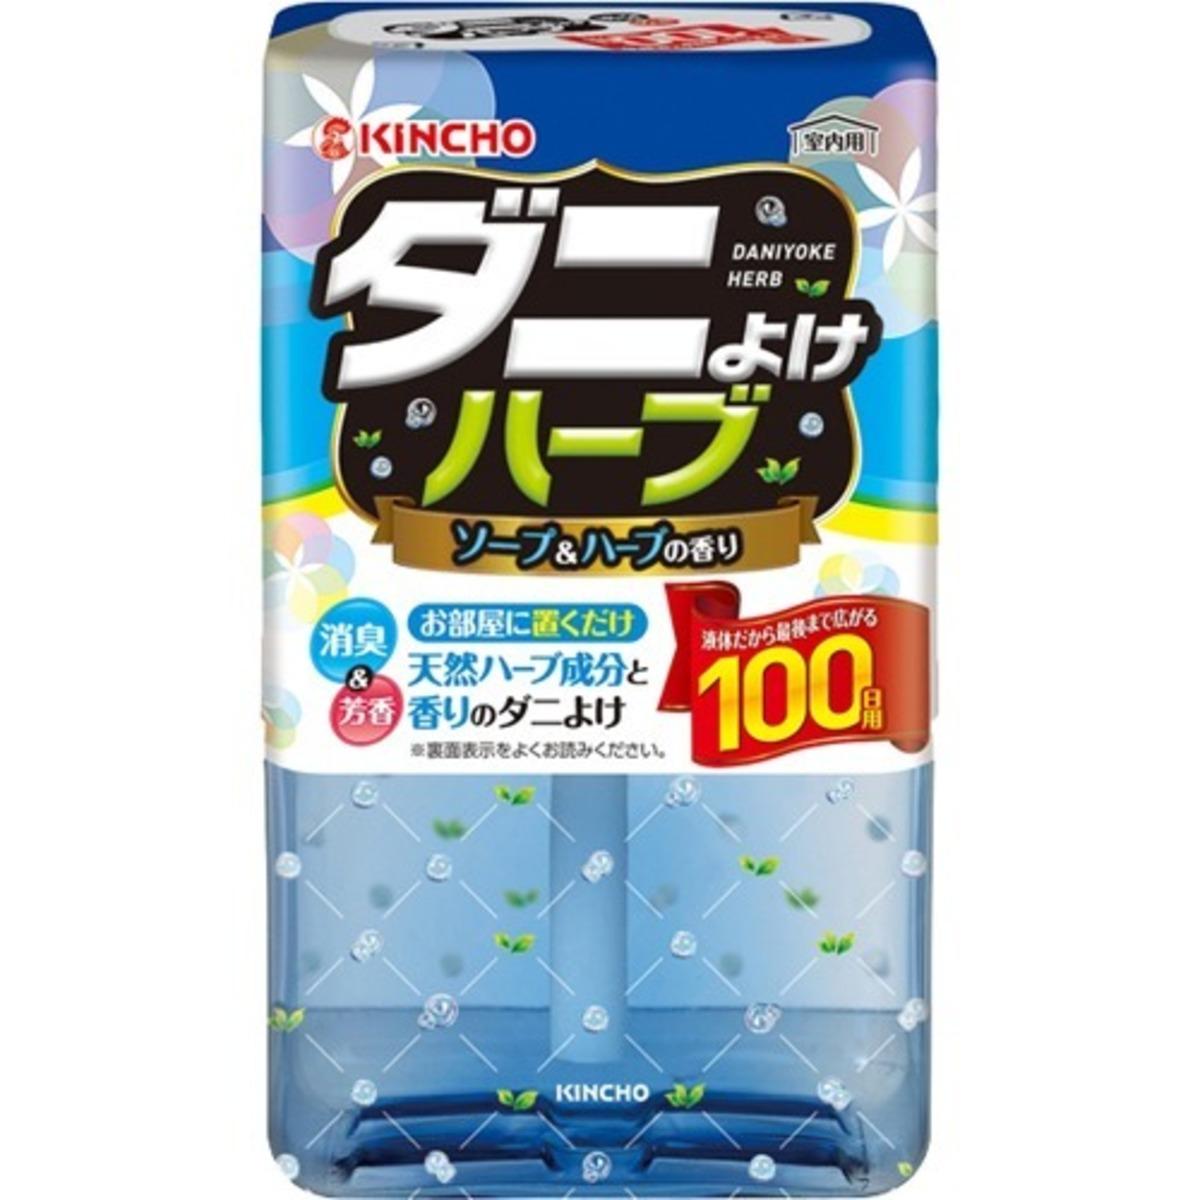 Japanese natural vanilla soap drive mite freshener (545526)